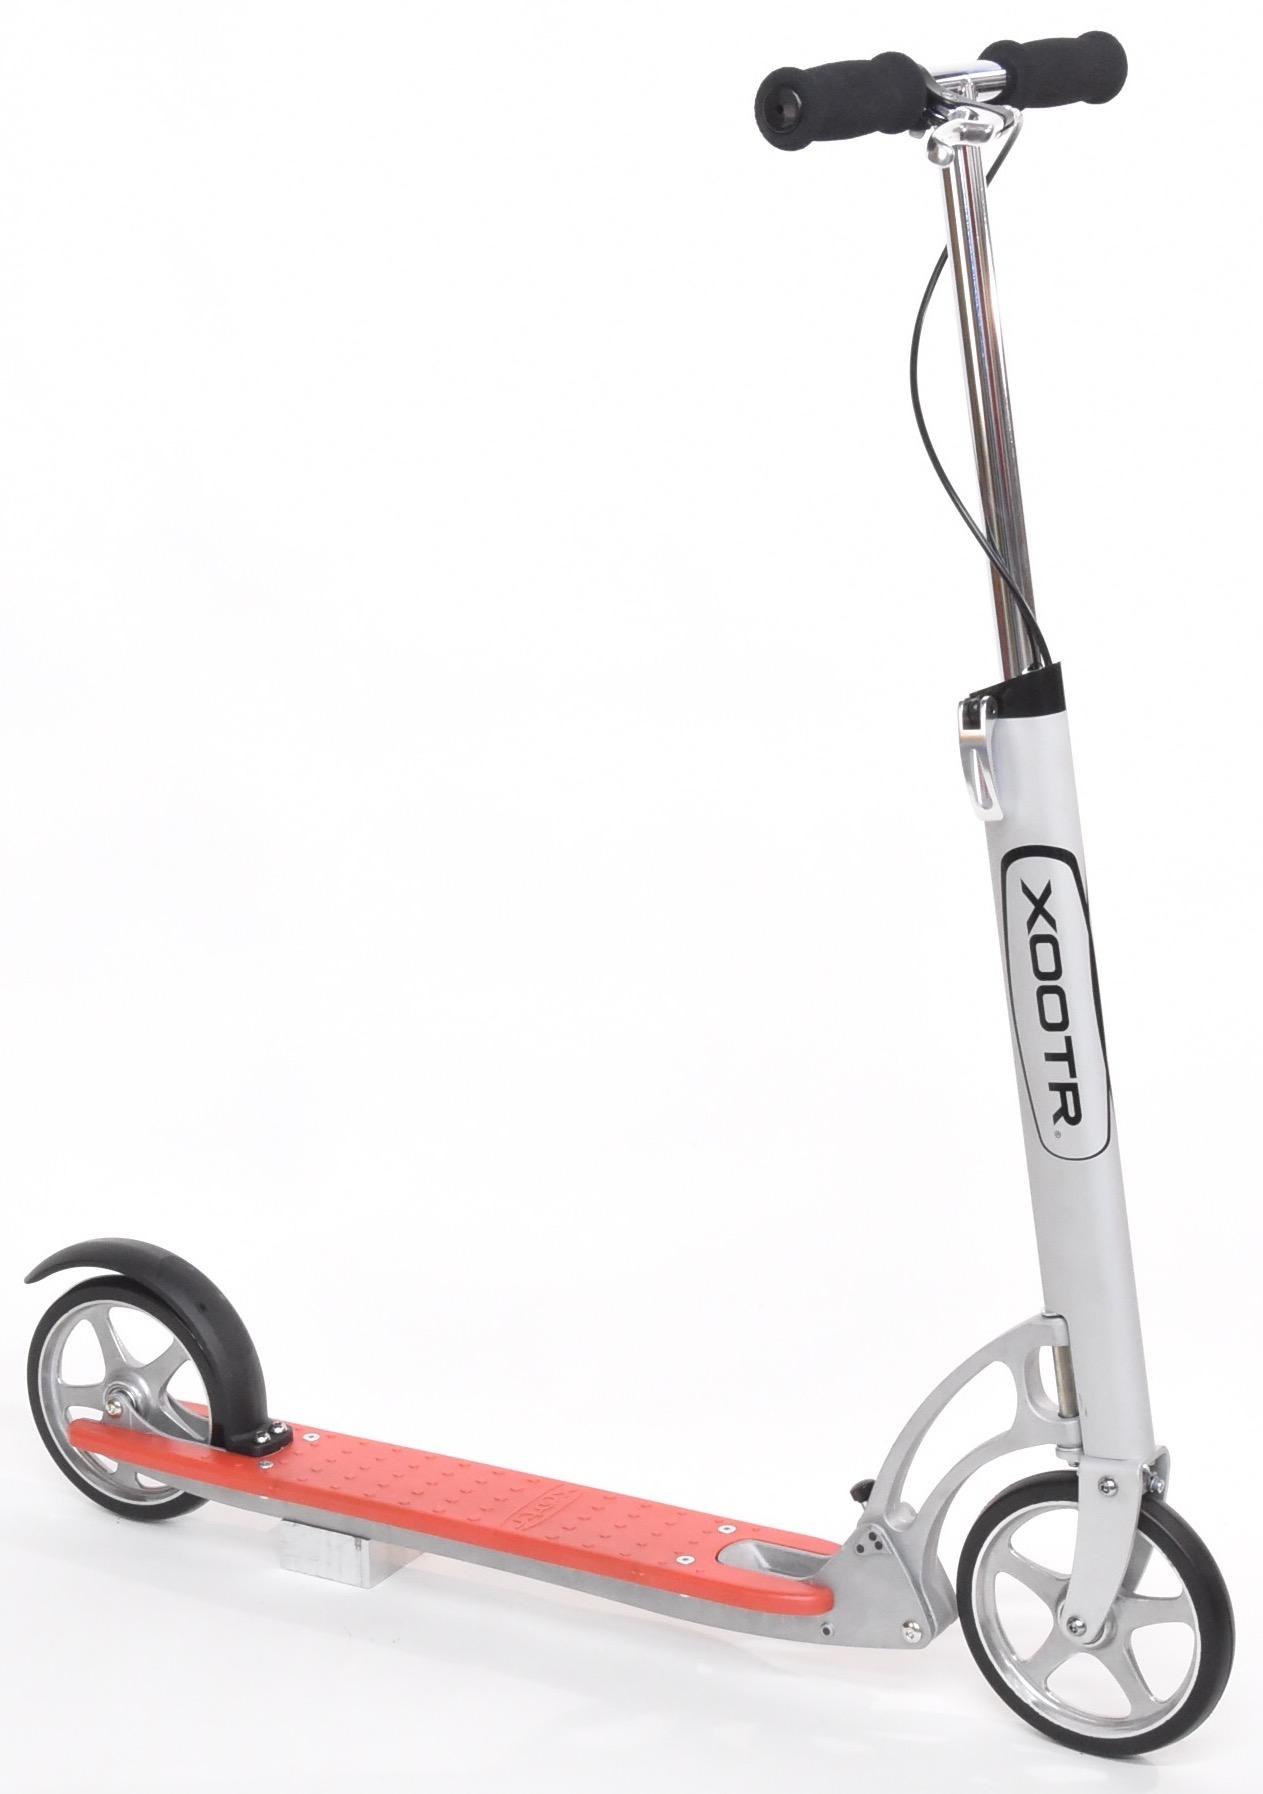 trottinette xootr Dash frein avant et arrière utilsateur 2 mètres pliage rapide 100kg